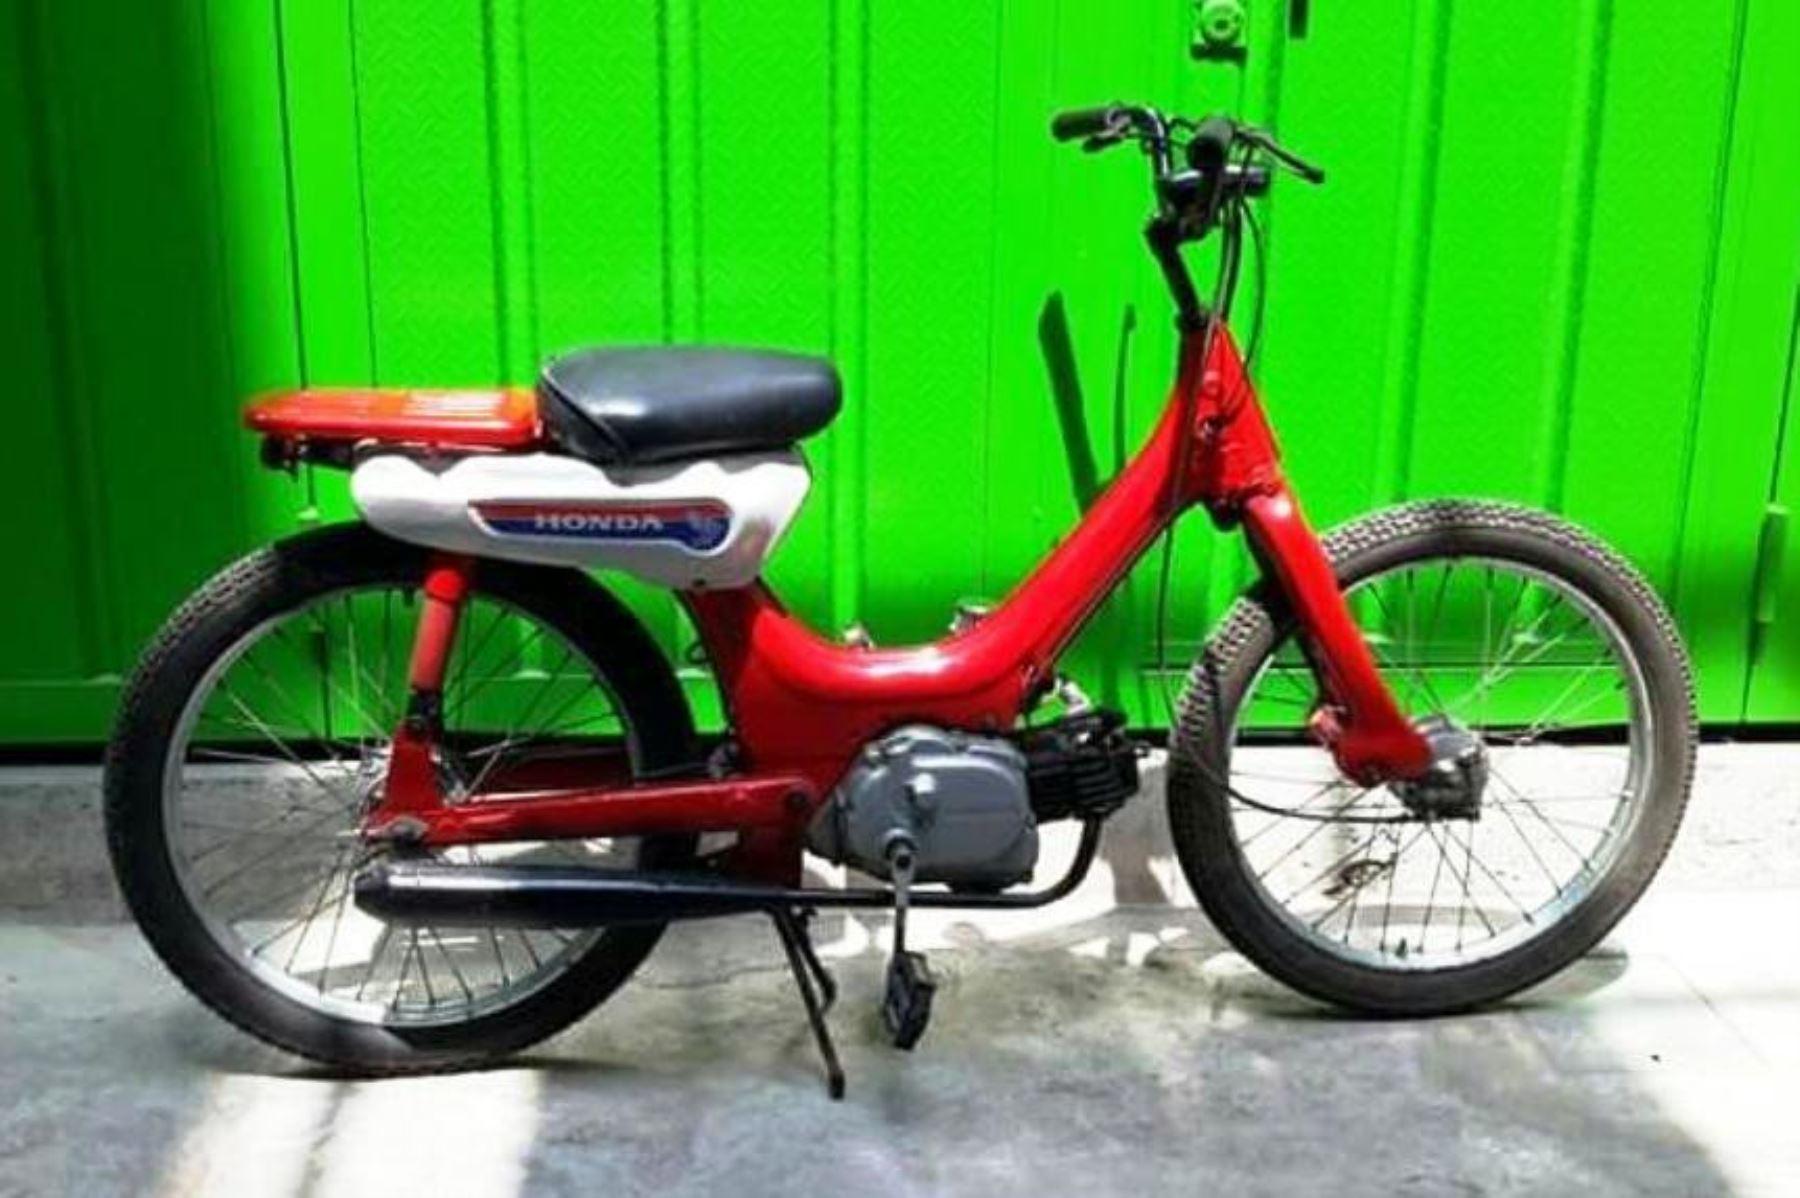 MTC adecuó la clasificación vehicular para bicimotos y motocicletas eléctricas. Foto: ANDINA/Difusión.